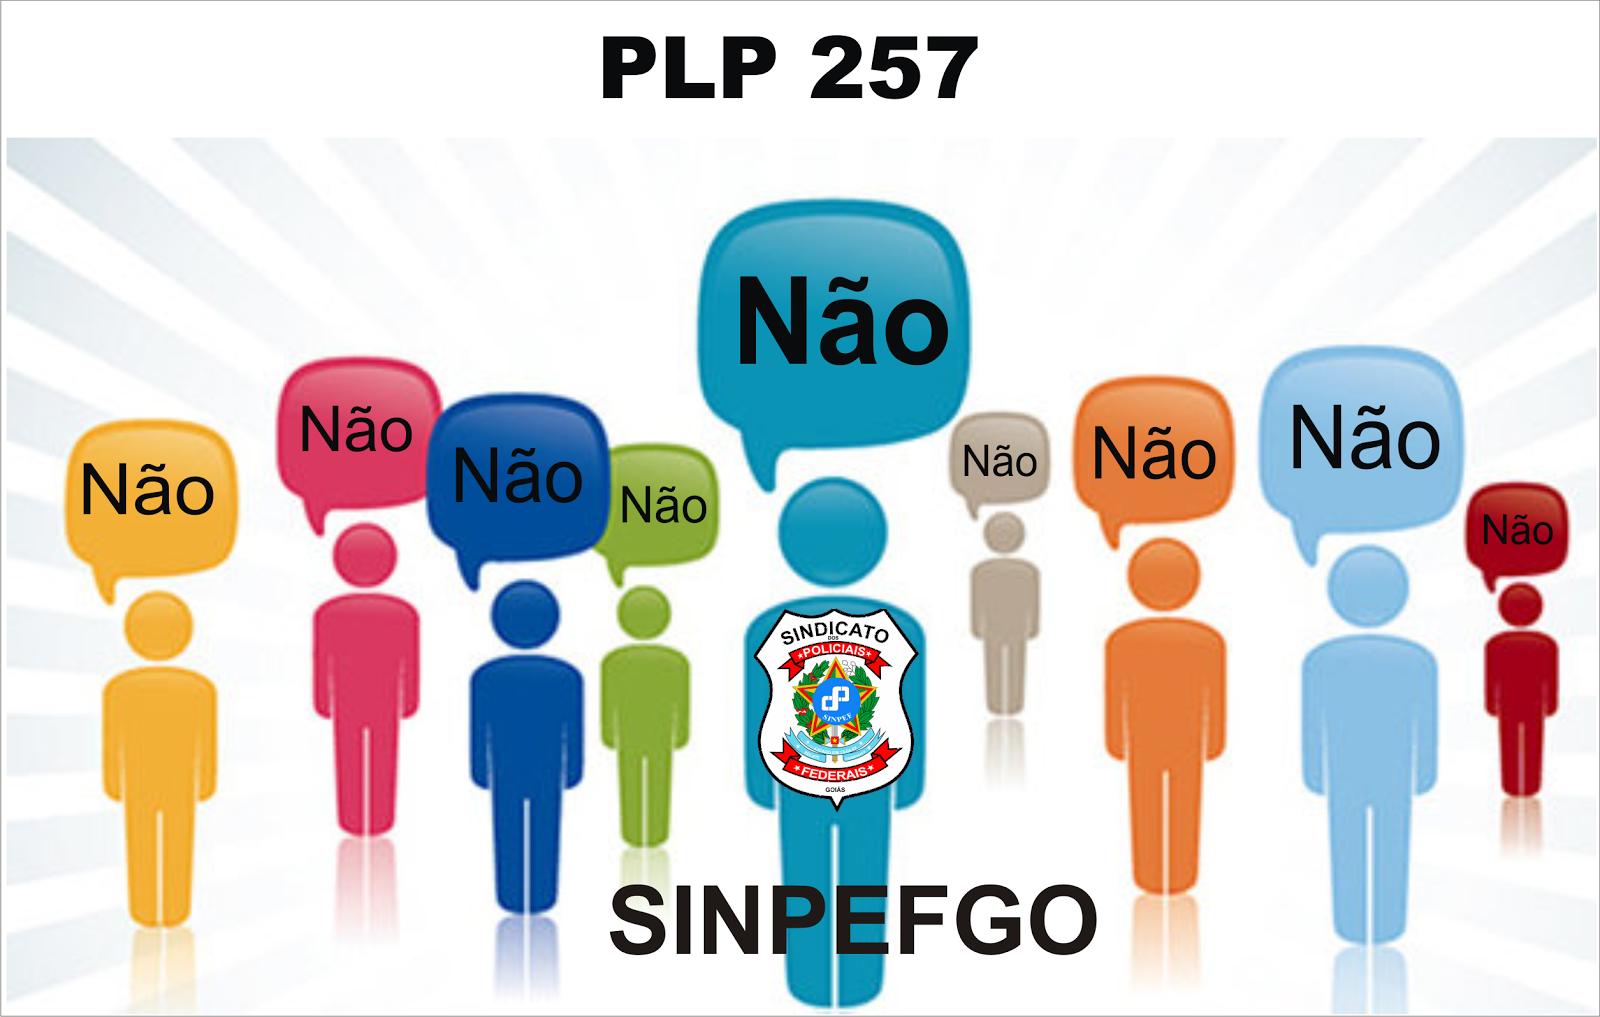 Não a PLP 257